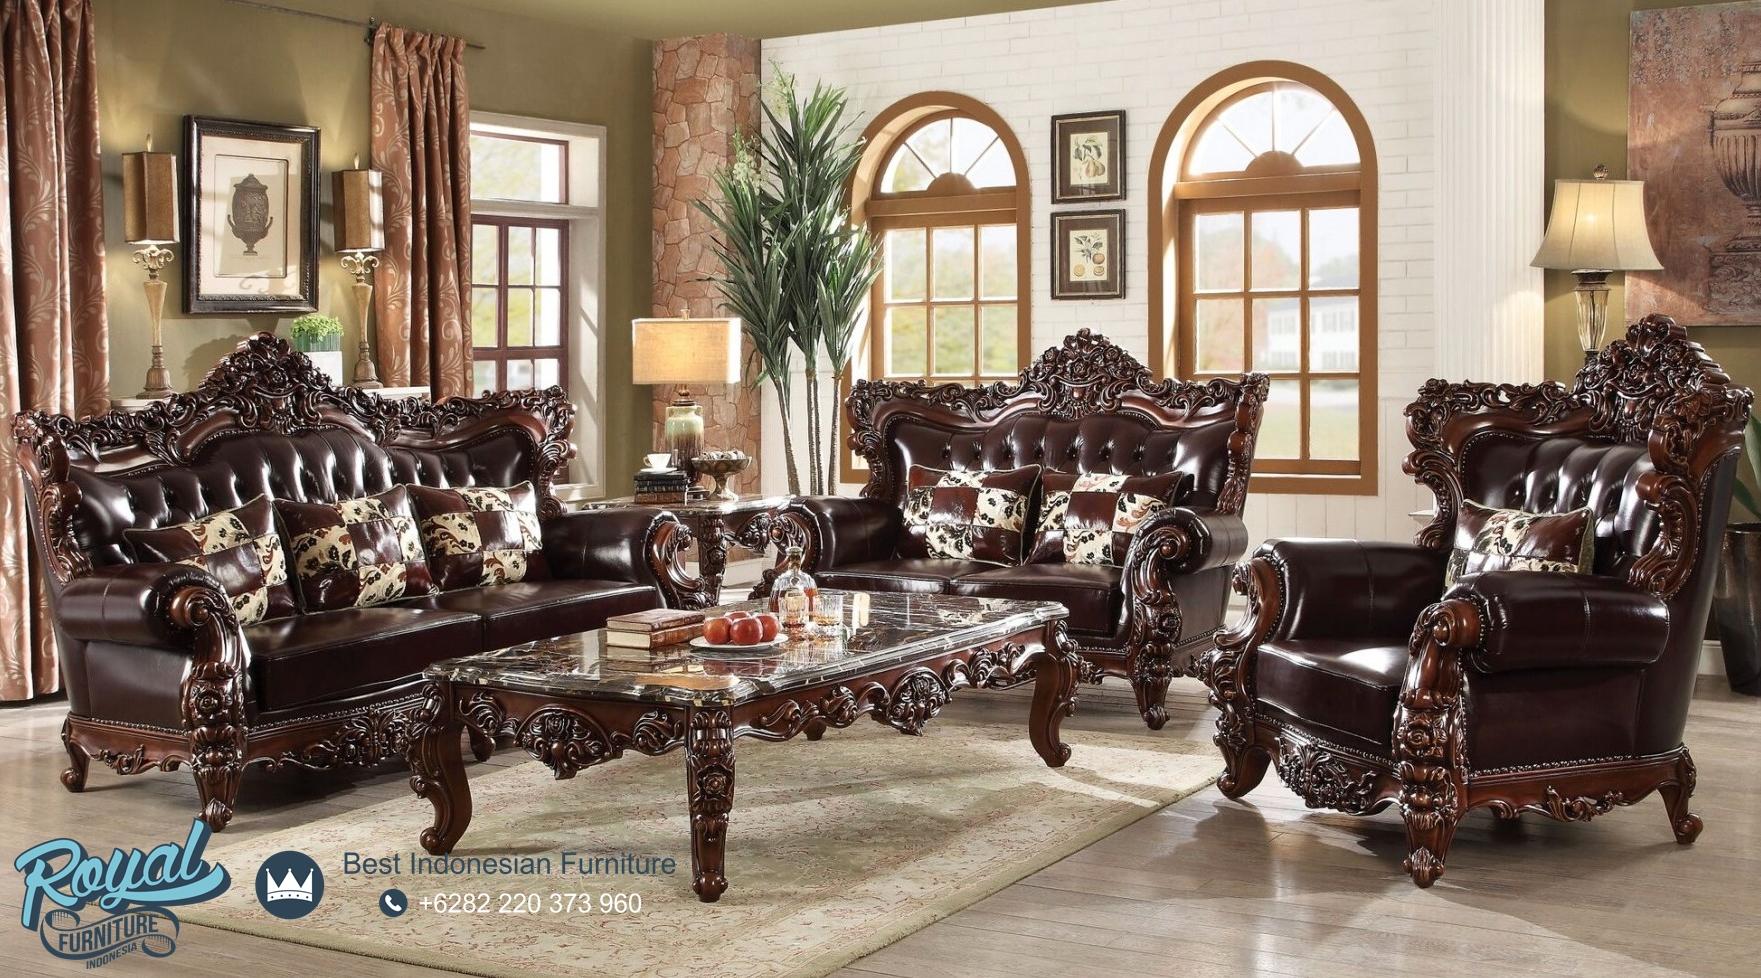 Sofa Tamu Jati Ukir Klasik Mewah Leather Top Granit Emperador, sofa tamu mewah terbaru, sofa tamu mewah modern, sofa tamu mewah minimalis, sofa tamu mewah jepara, sofa ruang tamu mewah minimalis, sofa tamu minimalis, sofa mewah minimalis, sofa mewah modern, kursi tamu sofa, sofa ruang tamu mewah modern, sofa mewah minimalis terbaru, sofa tamu mewah klasik, sofa tamu minimalis modern, kursi sofa, sofa minimalis, sofa tamu mewah terbaru, sofa tamu mewah modern, sofa tamu klasik, sofa tamu jepara terbaru, sofa tamu ukir jepara, sofa tamu jati klasik terbaru, model sofa mewah terbaru, kursi tamu jati ukir klasik, kursi tamu mewah, sofa ruang tamu jati, sofa tamu jati jepara, kursi tamu sofa jati, sofa ruang tamu kayu jati, desain sofa tamu mewah klasik, mebel jepara, furniture jepara, royal furniture